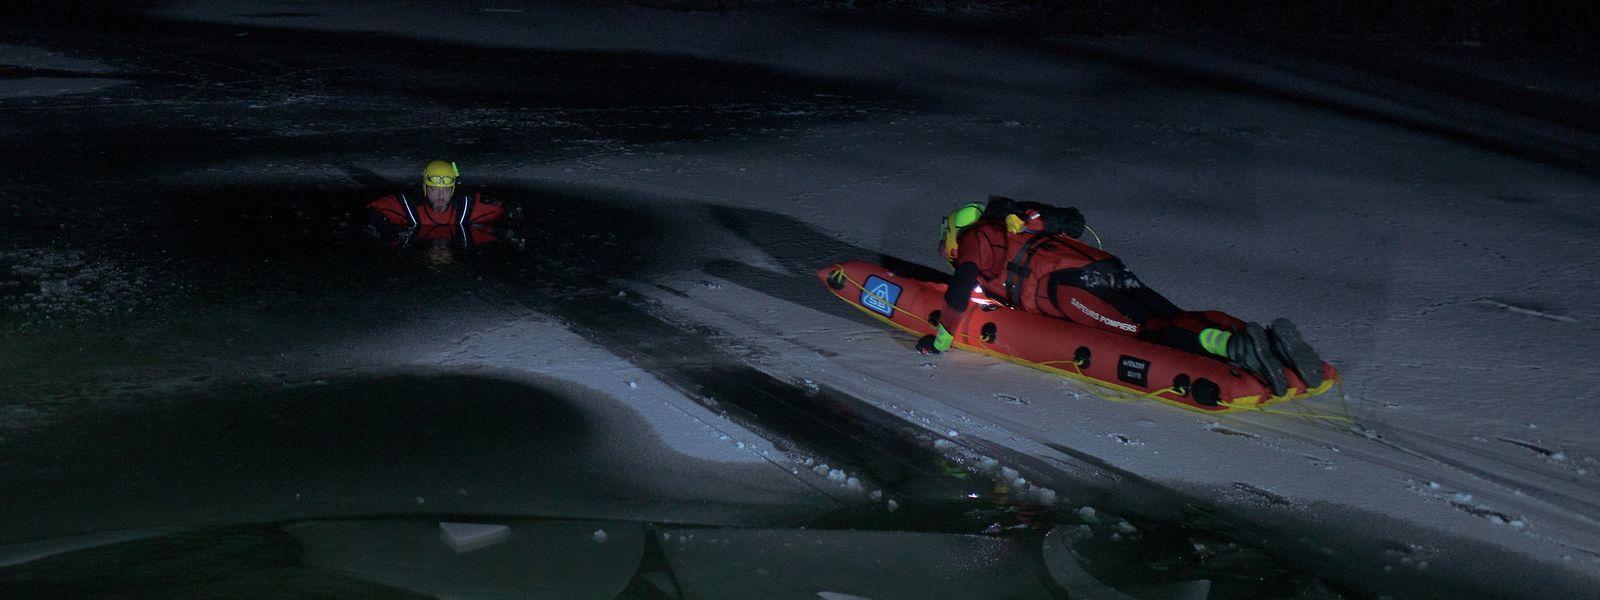 Mit Eispickeln aus Plastik bewegen sich die Retter auf dem Luftkissen vorwärts.